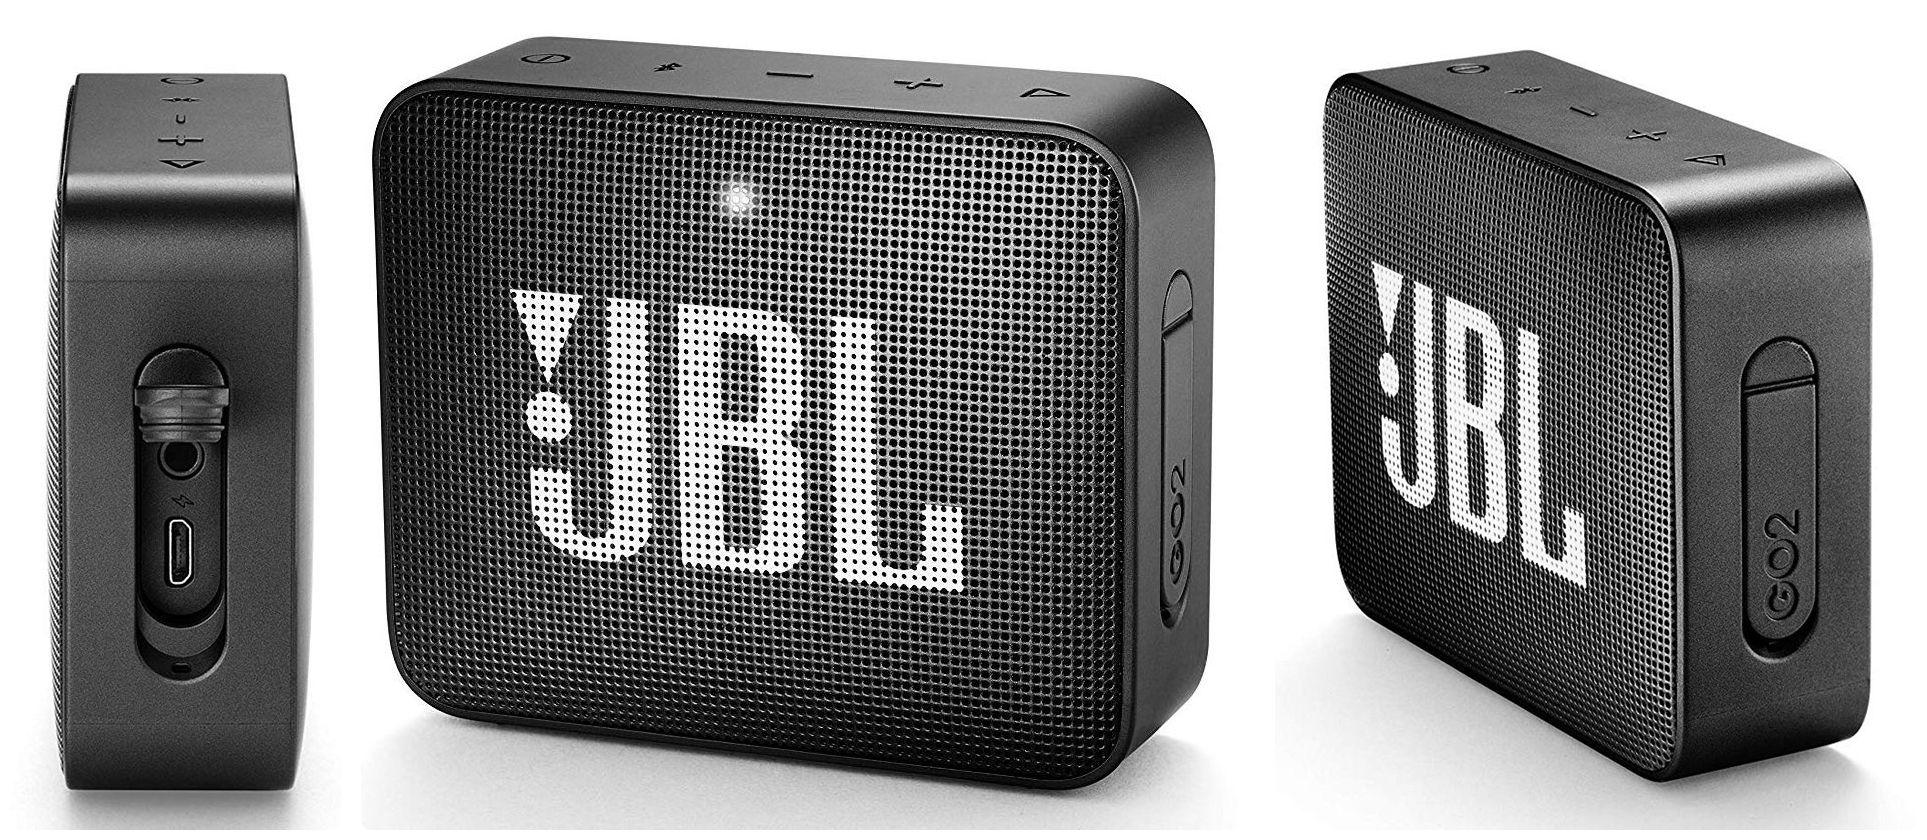 5 Best Wireless Portable Speaker Below 2500 Rupees Wireless Speakers Portable Bluetooth Speakers Portable Portable Battery Bank